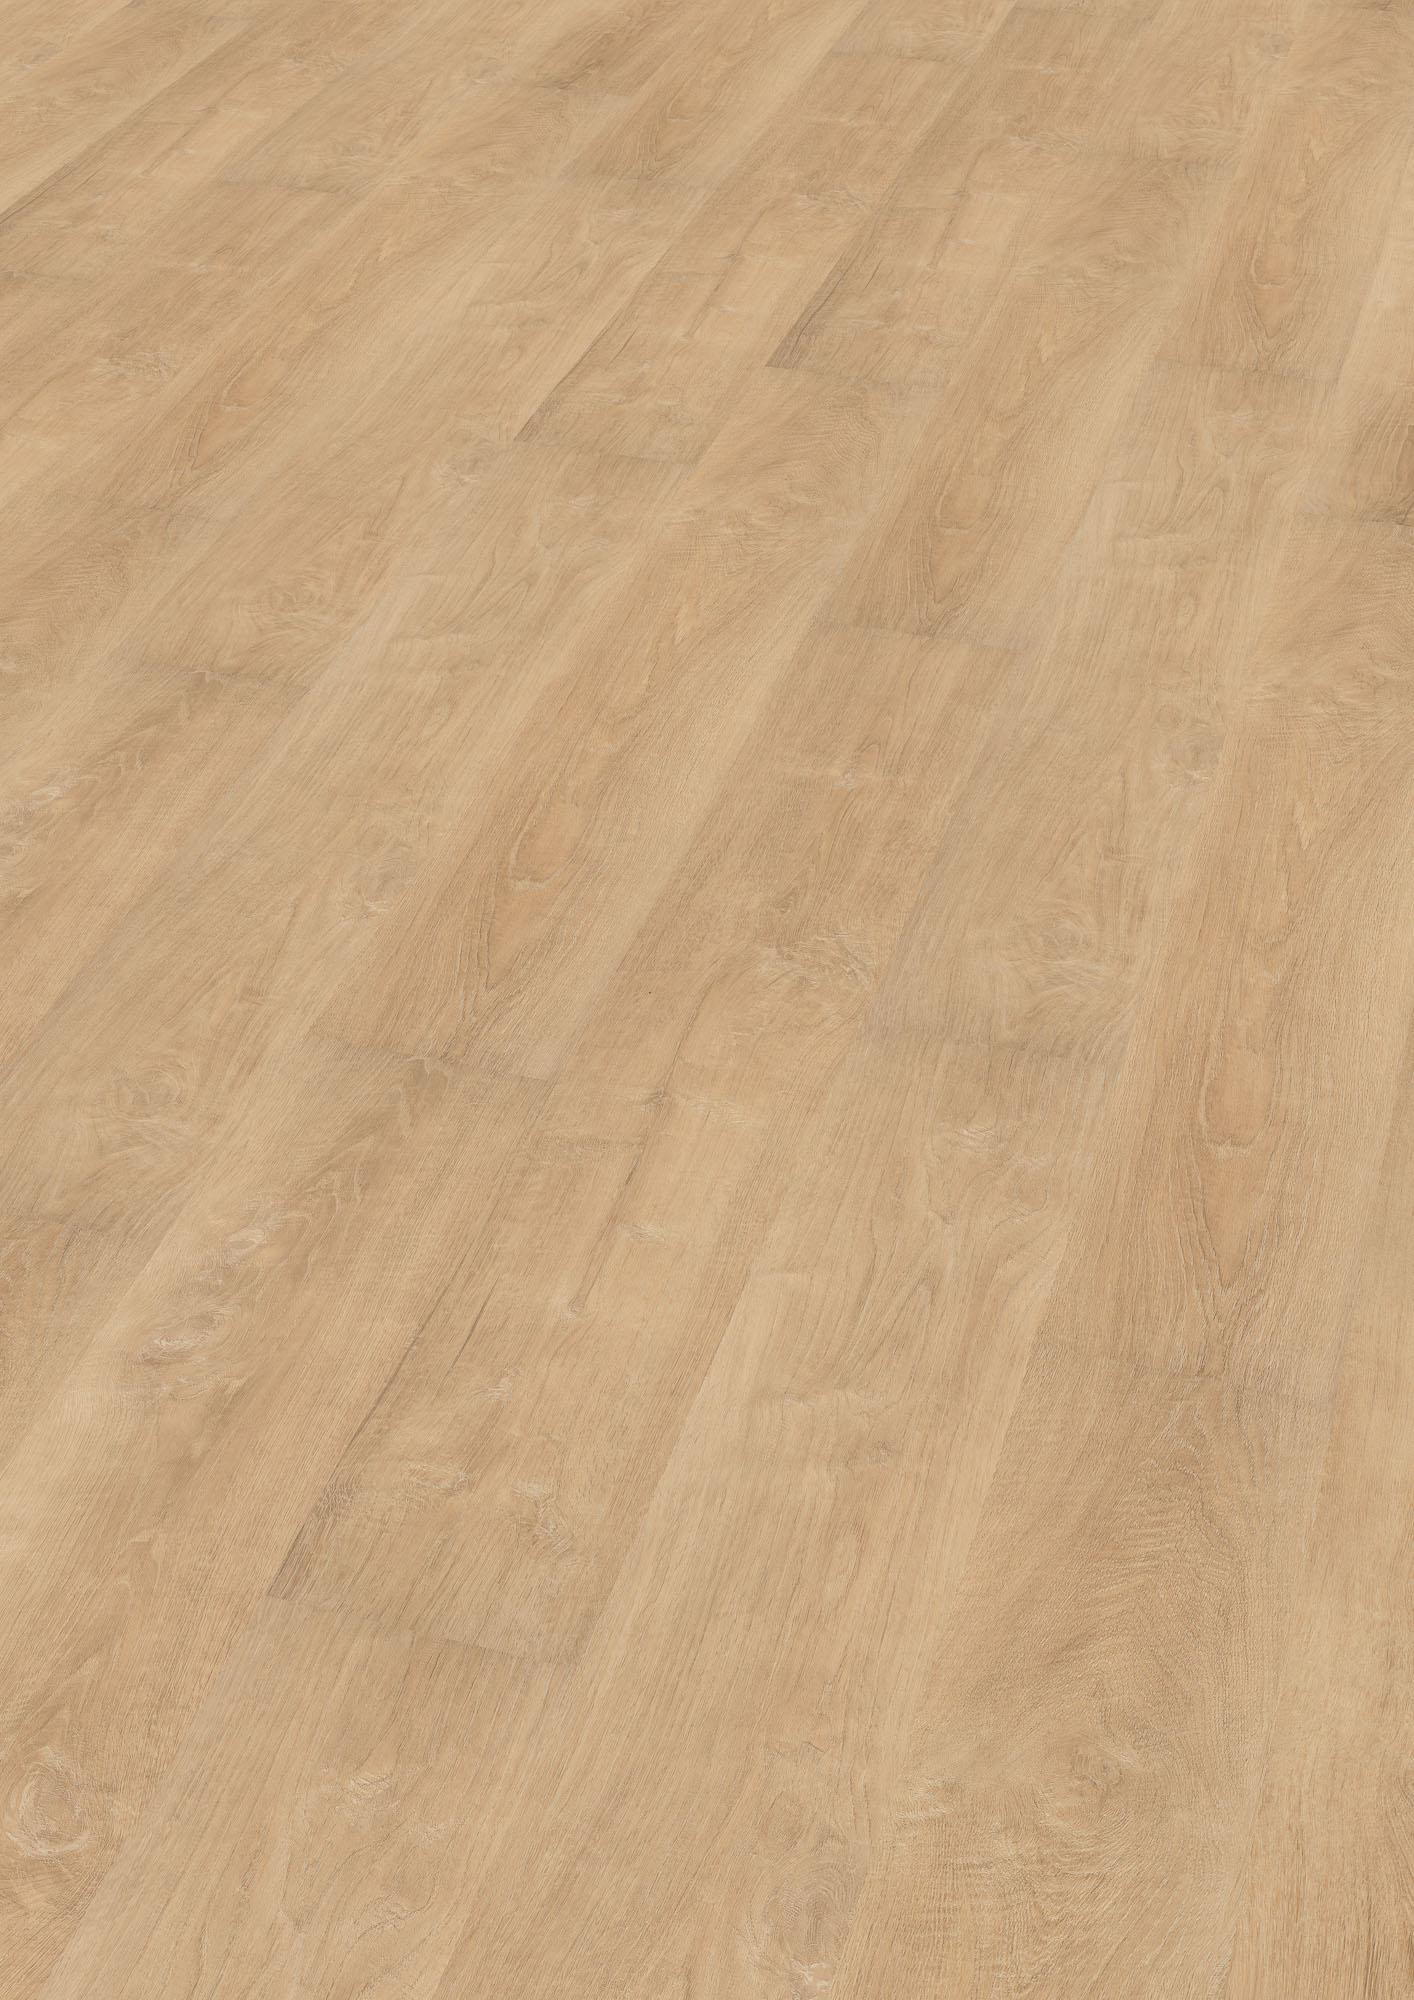 Recover Green Vorwerk wineo 600 wood vinylboden aurelia dlc00006 bodenheld24 de ihr shop für bodenbelag